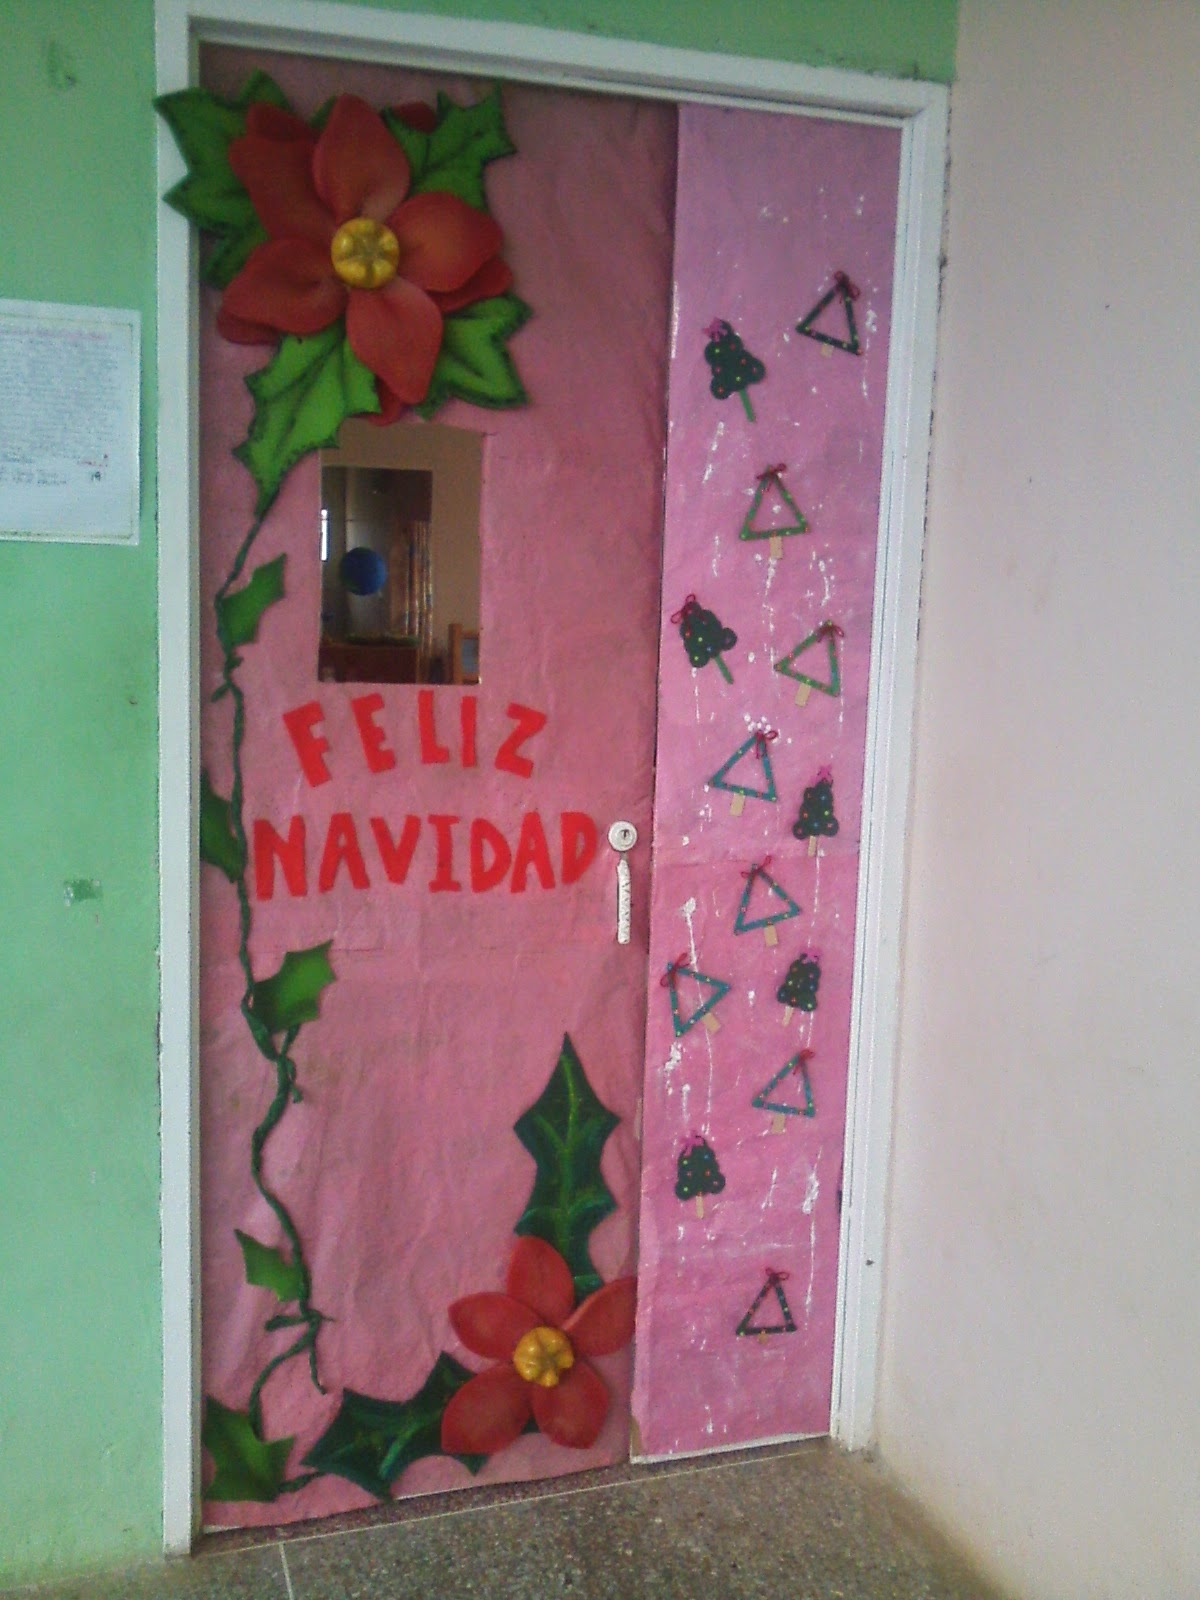 Cajitas de sue os puertas navide as de las escuelas for Puertas decoradas navidad material reciclable